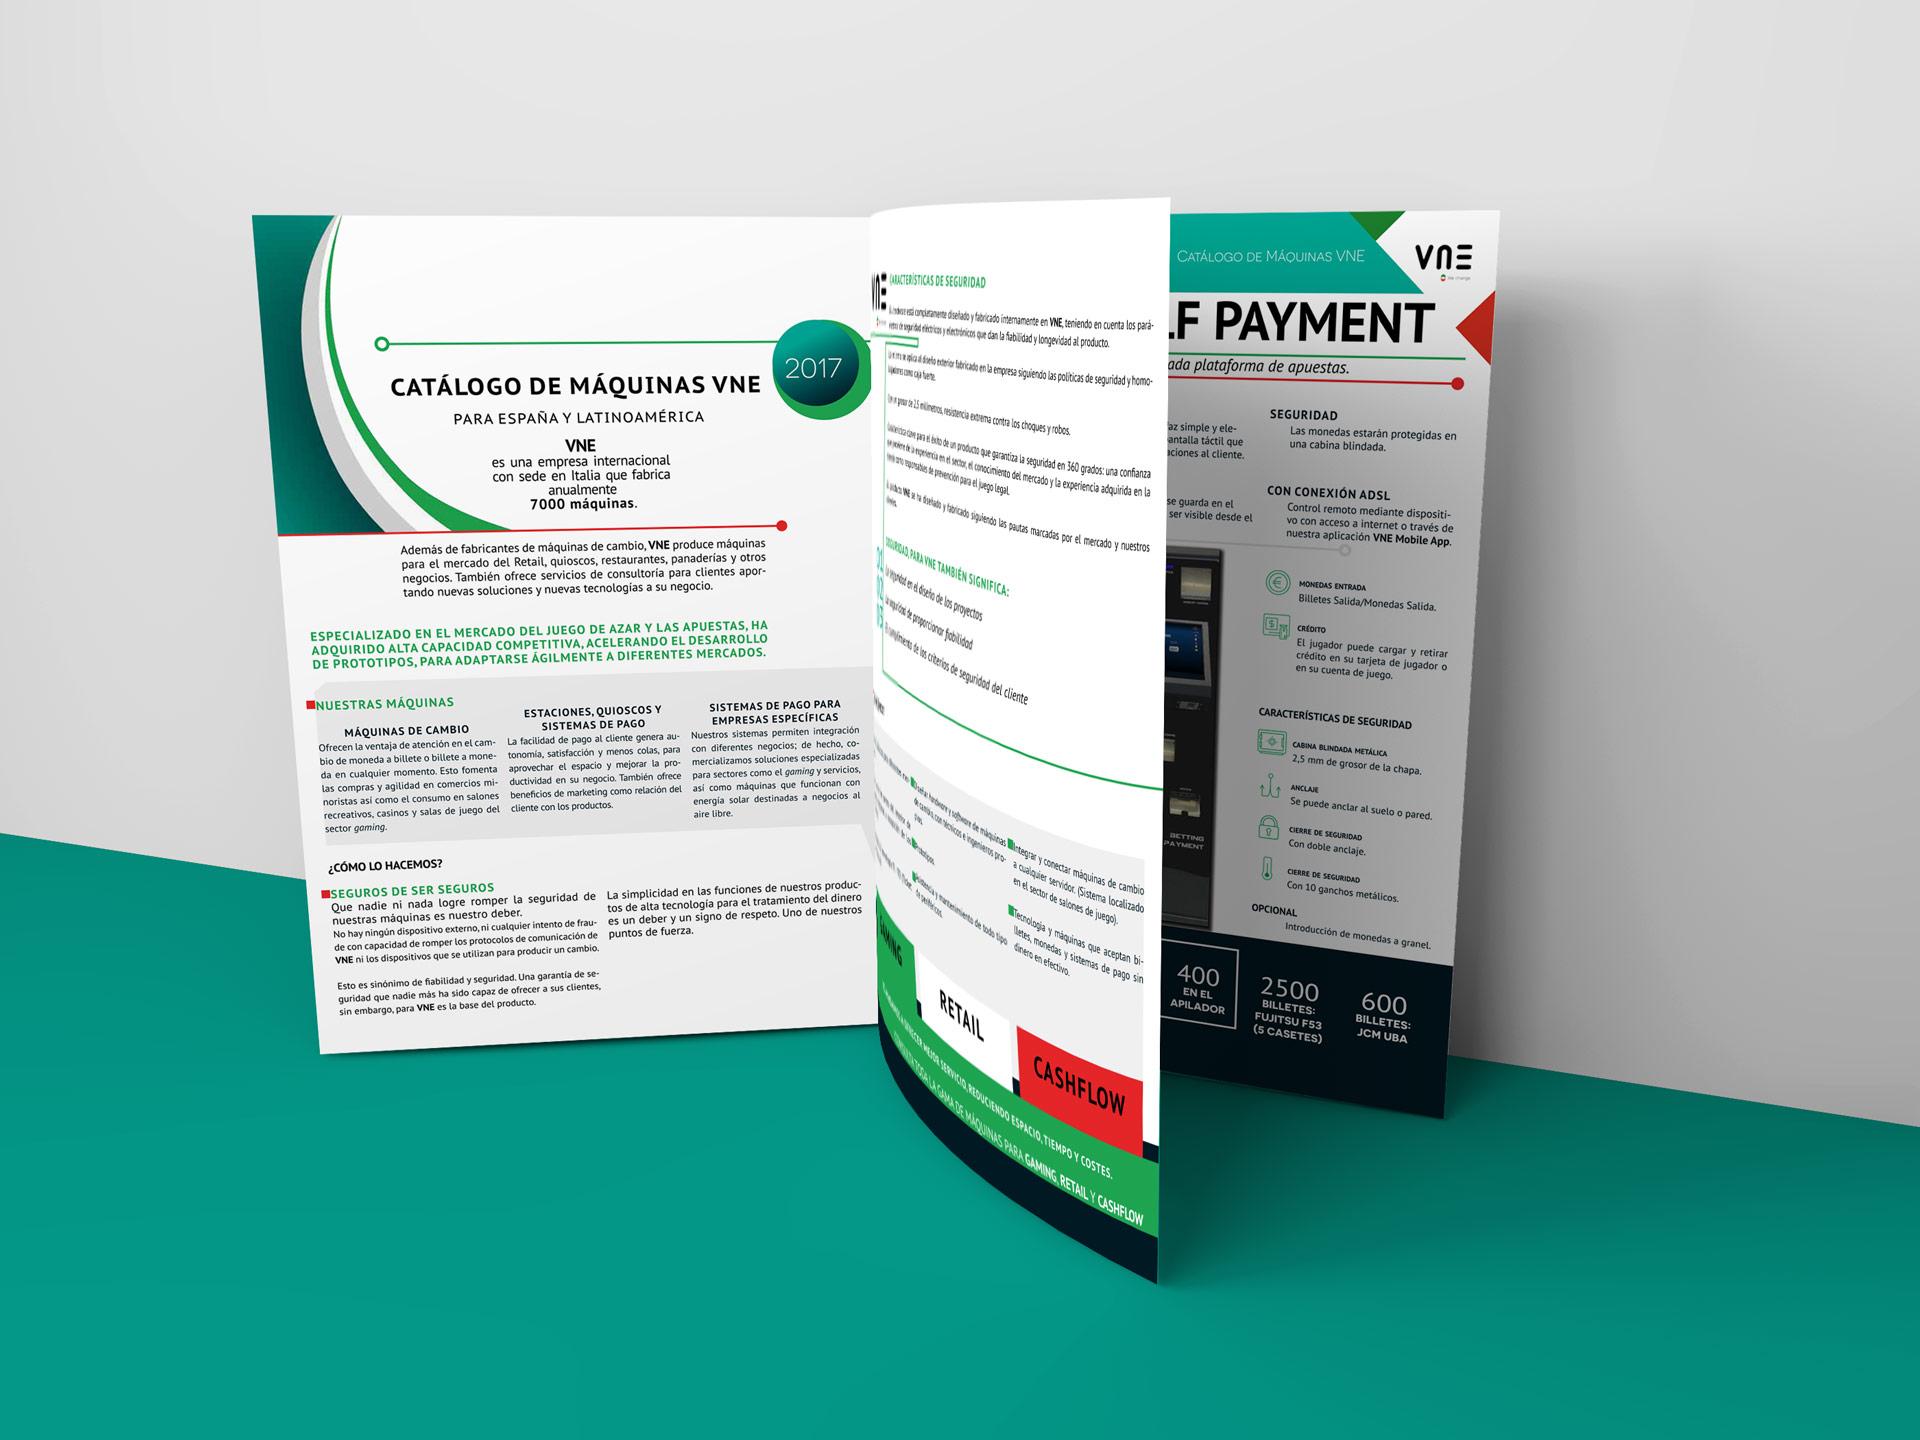 Catálogo de máquinas de cambio y sistemas de gestión y control de efectivo VNE 2017